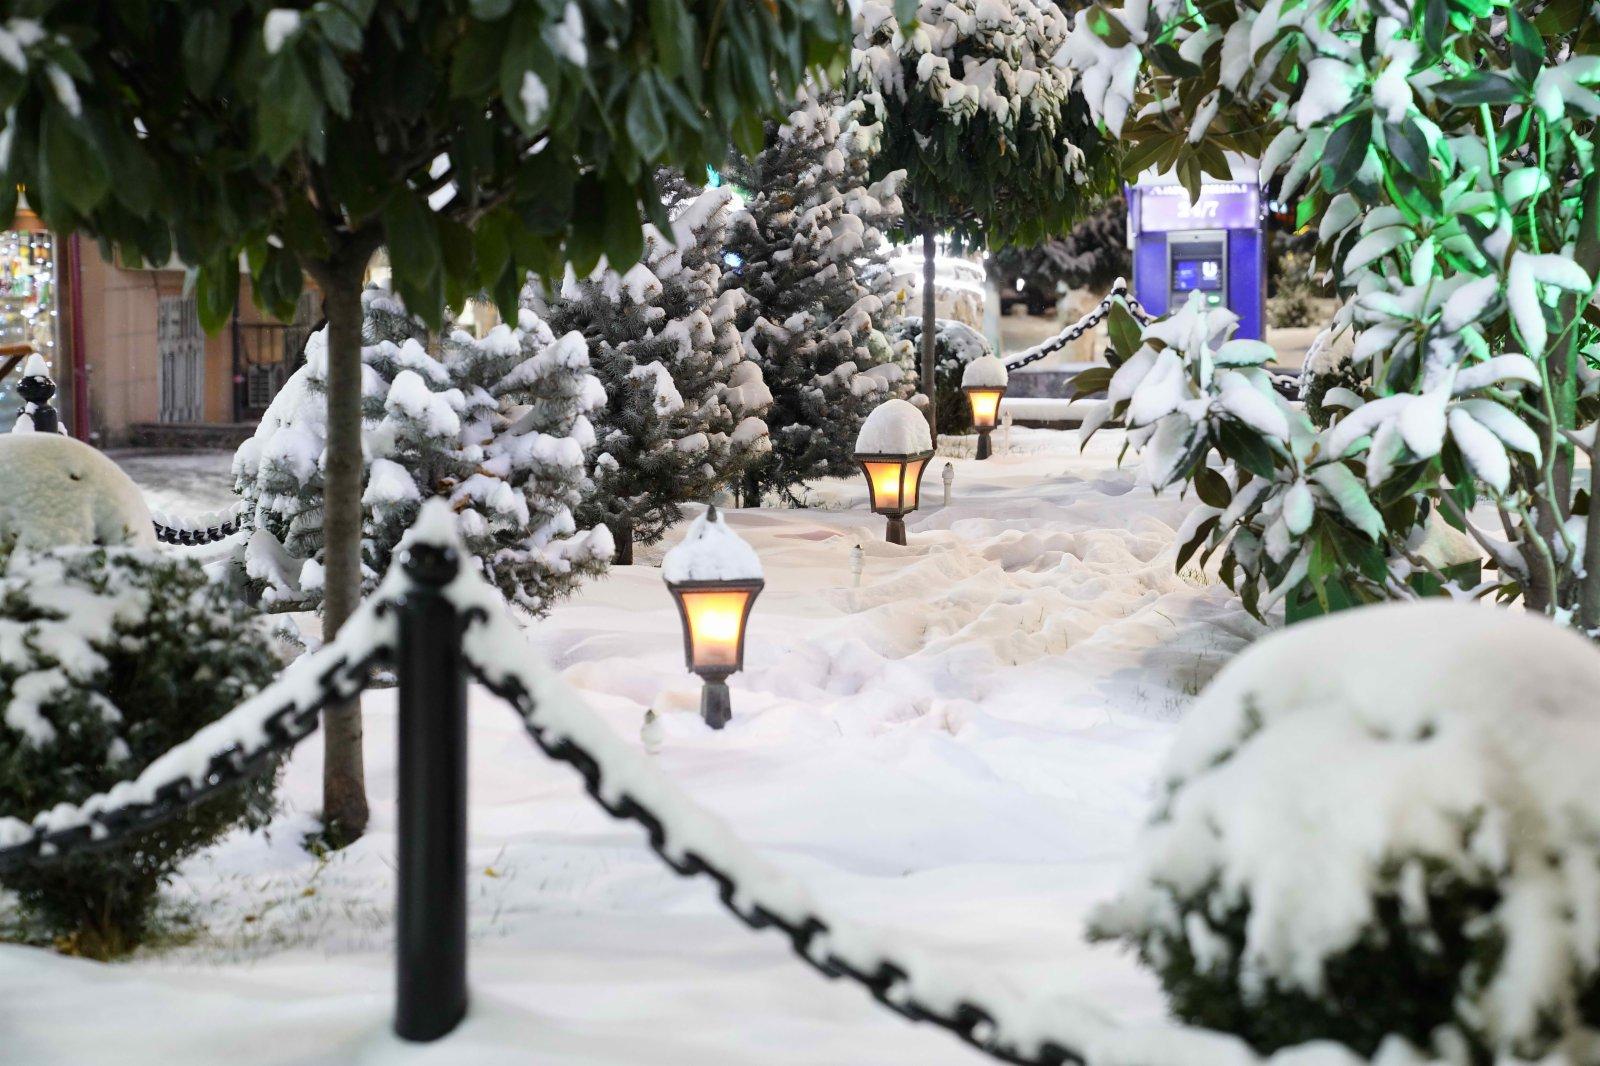 這是11月18日在烏茲別克斯坦首都塔什干拍攝的雪景。當日,受寒流南下影響,烏茲別克斯坦首都塔什干市區迎來今冬首場降雪。(新華社)